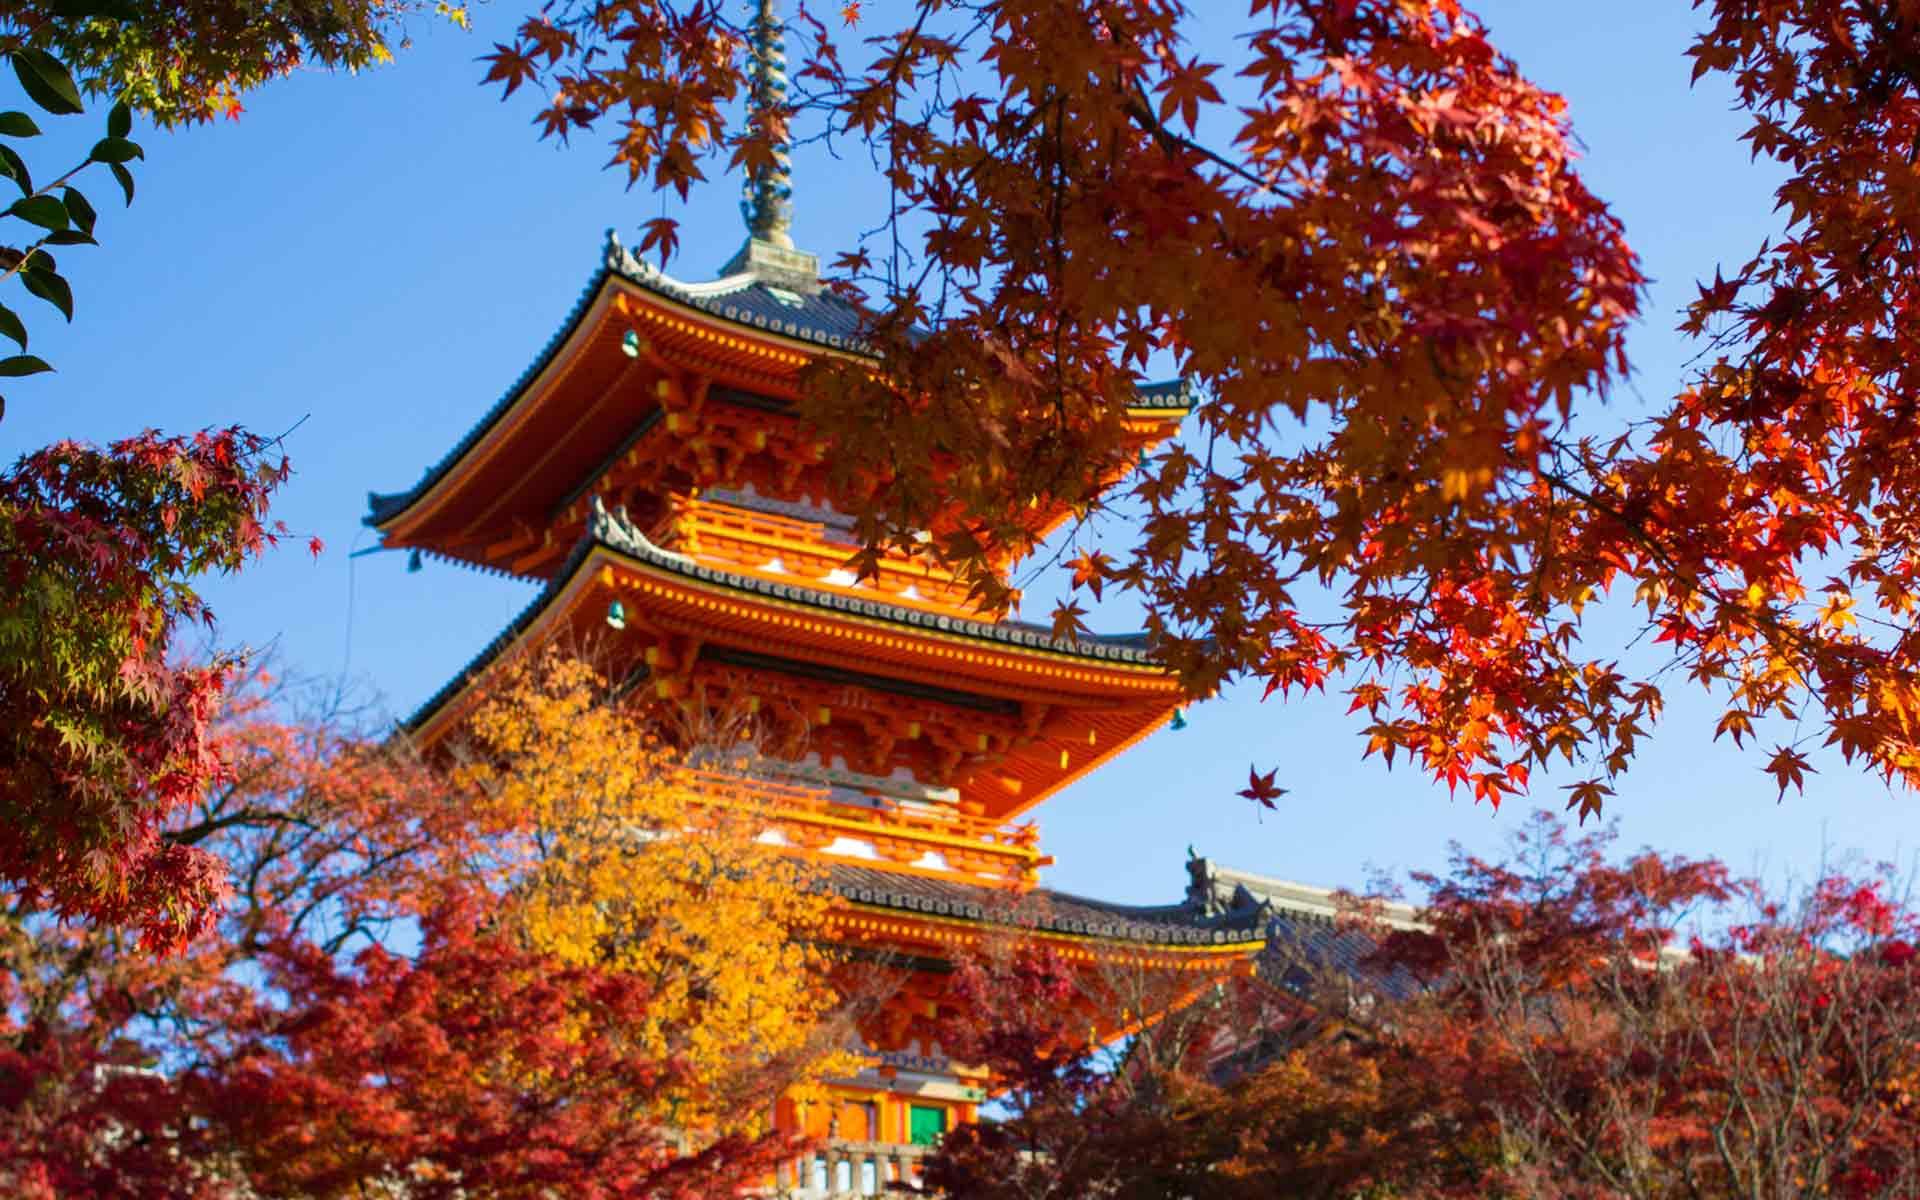 清水寺 © gandenクリエイティブ・コモンズ・ライセンス(表示4.0 国際)